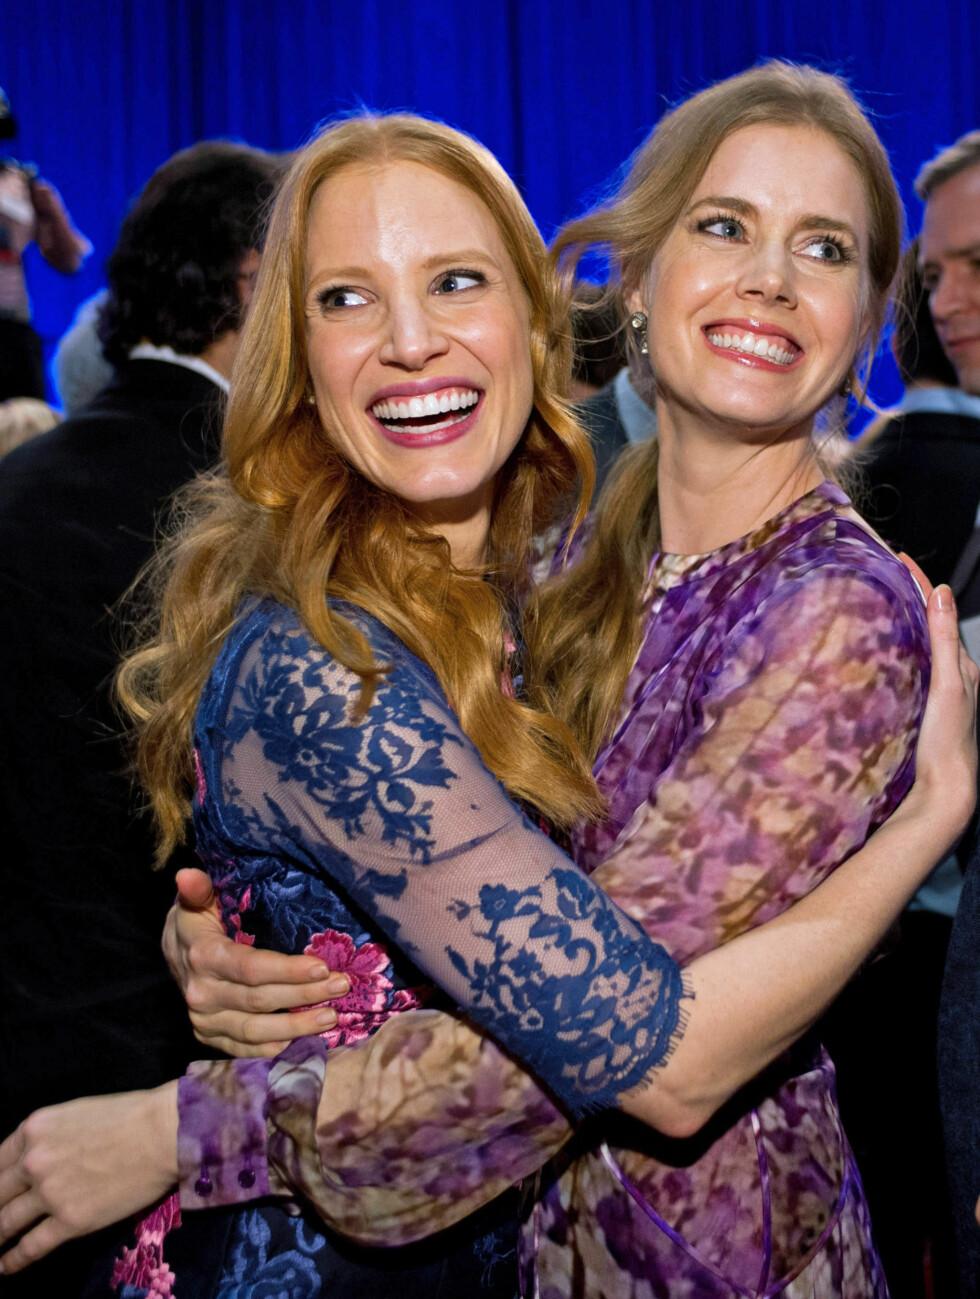 PÅ OSCAR-LUNSJ: Jessica Chastain og Amy Adams. Foto: Stella Pictures